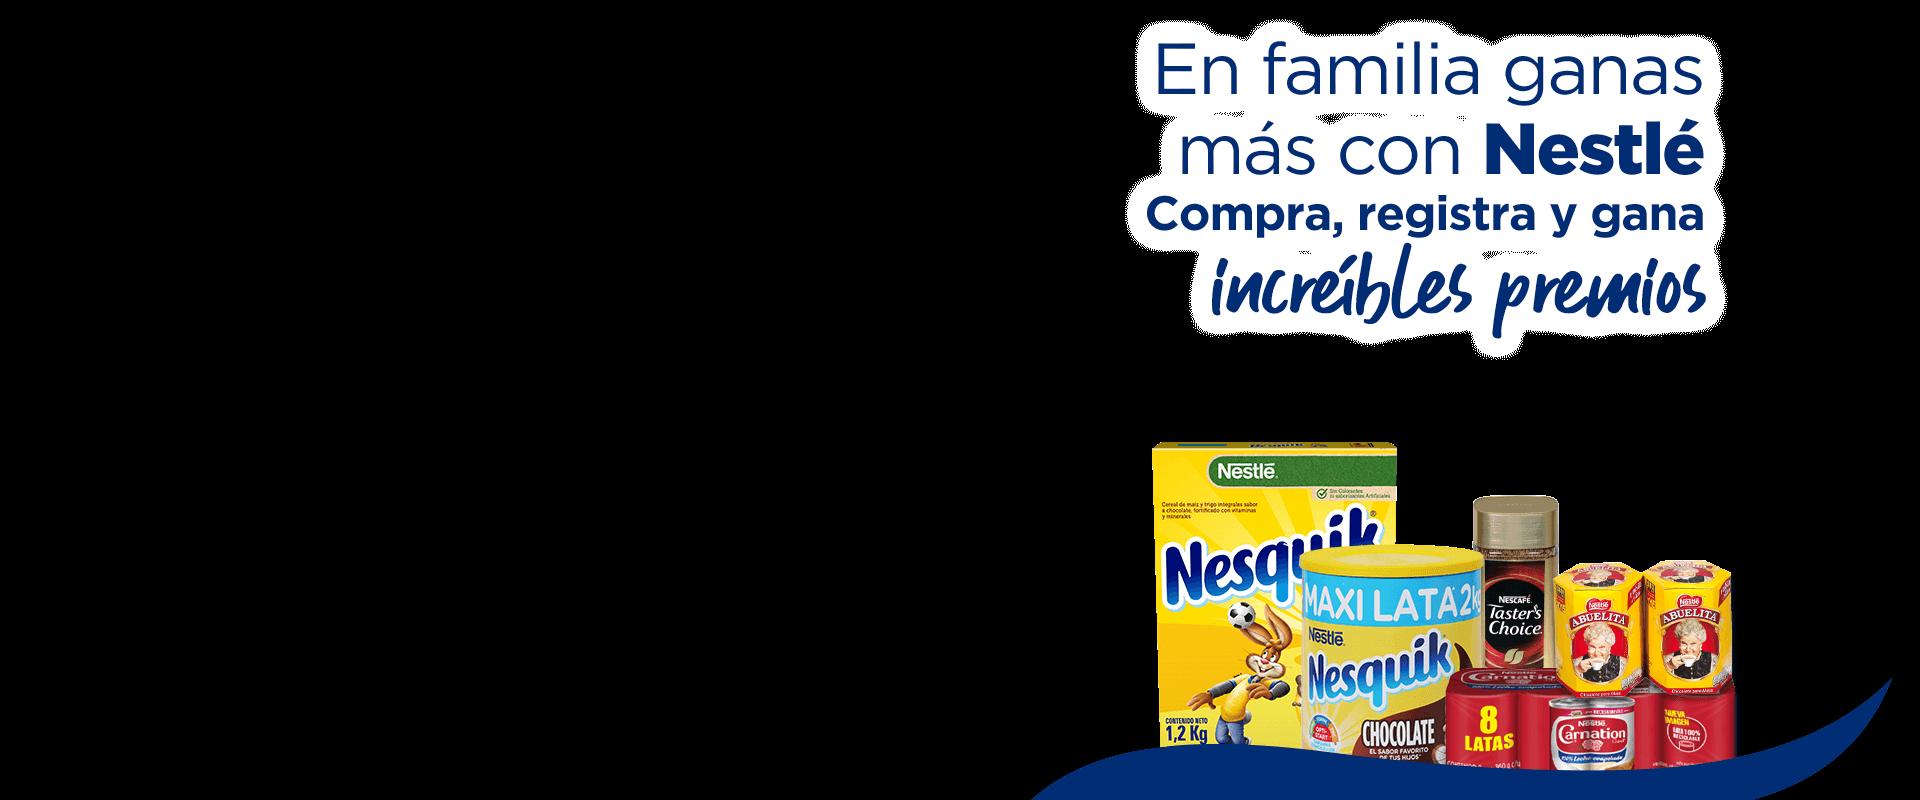 En familia ganas más con Nestlé